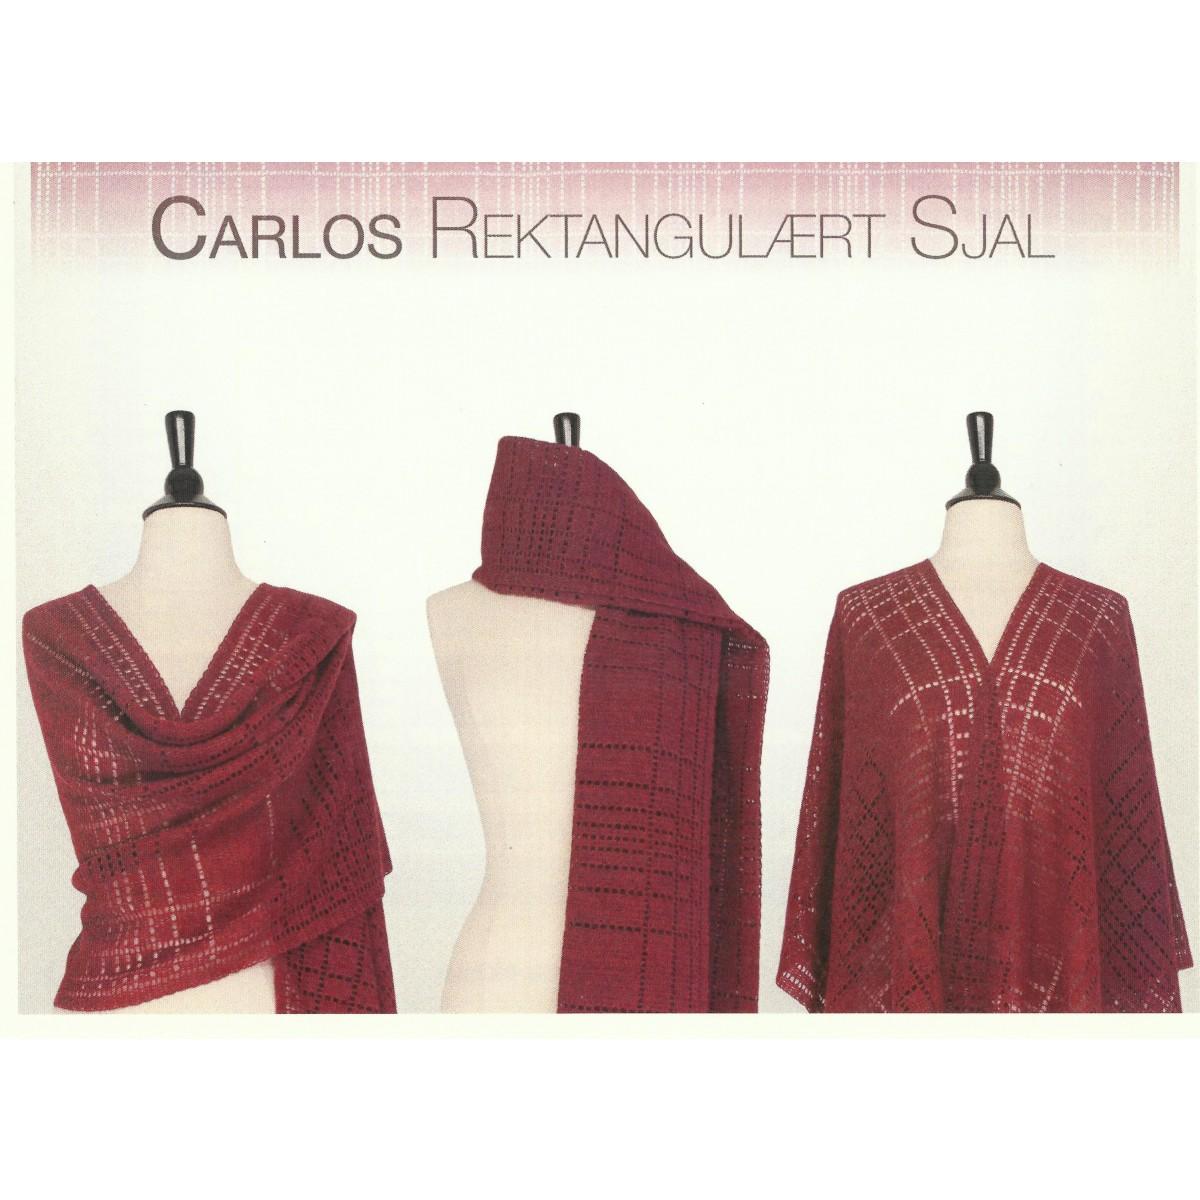 Carlos sjal